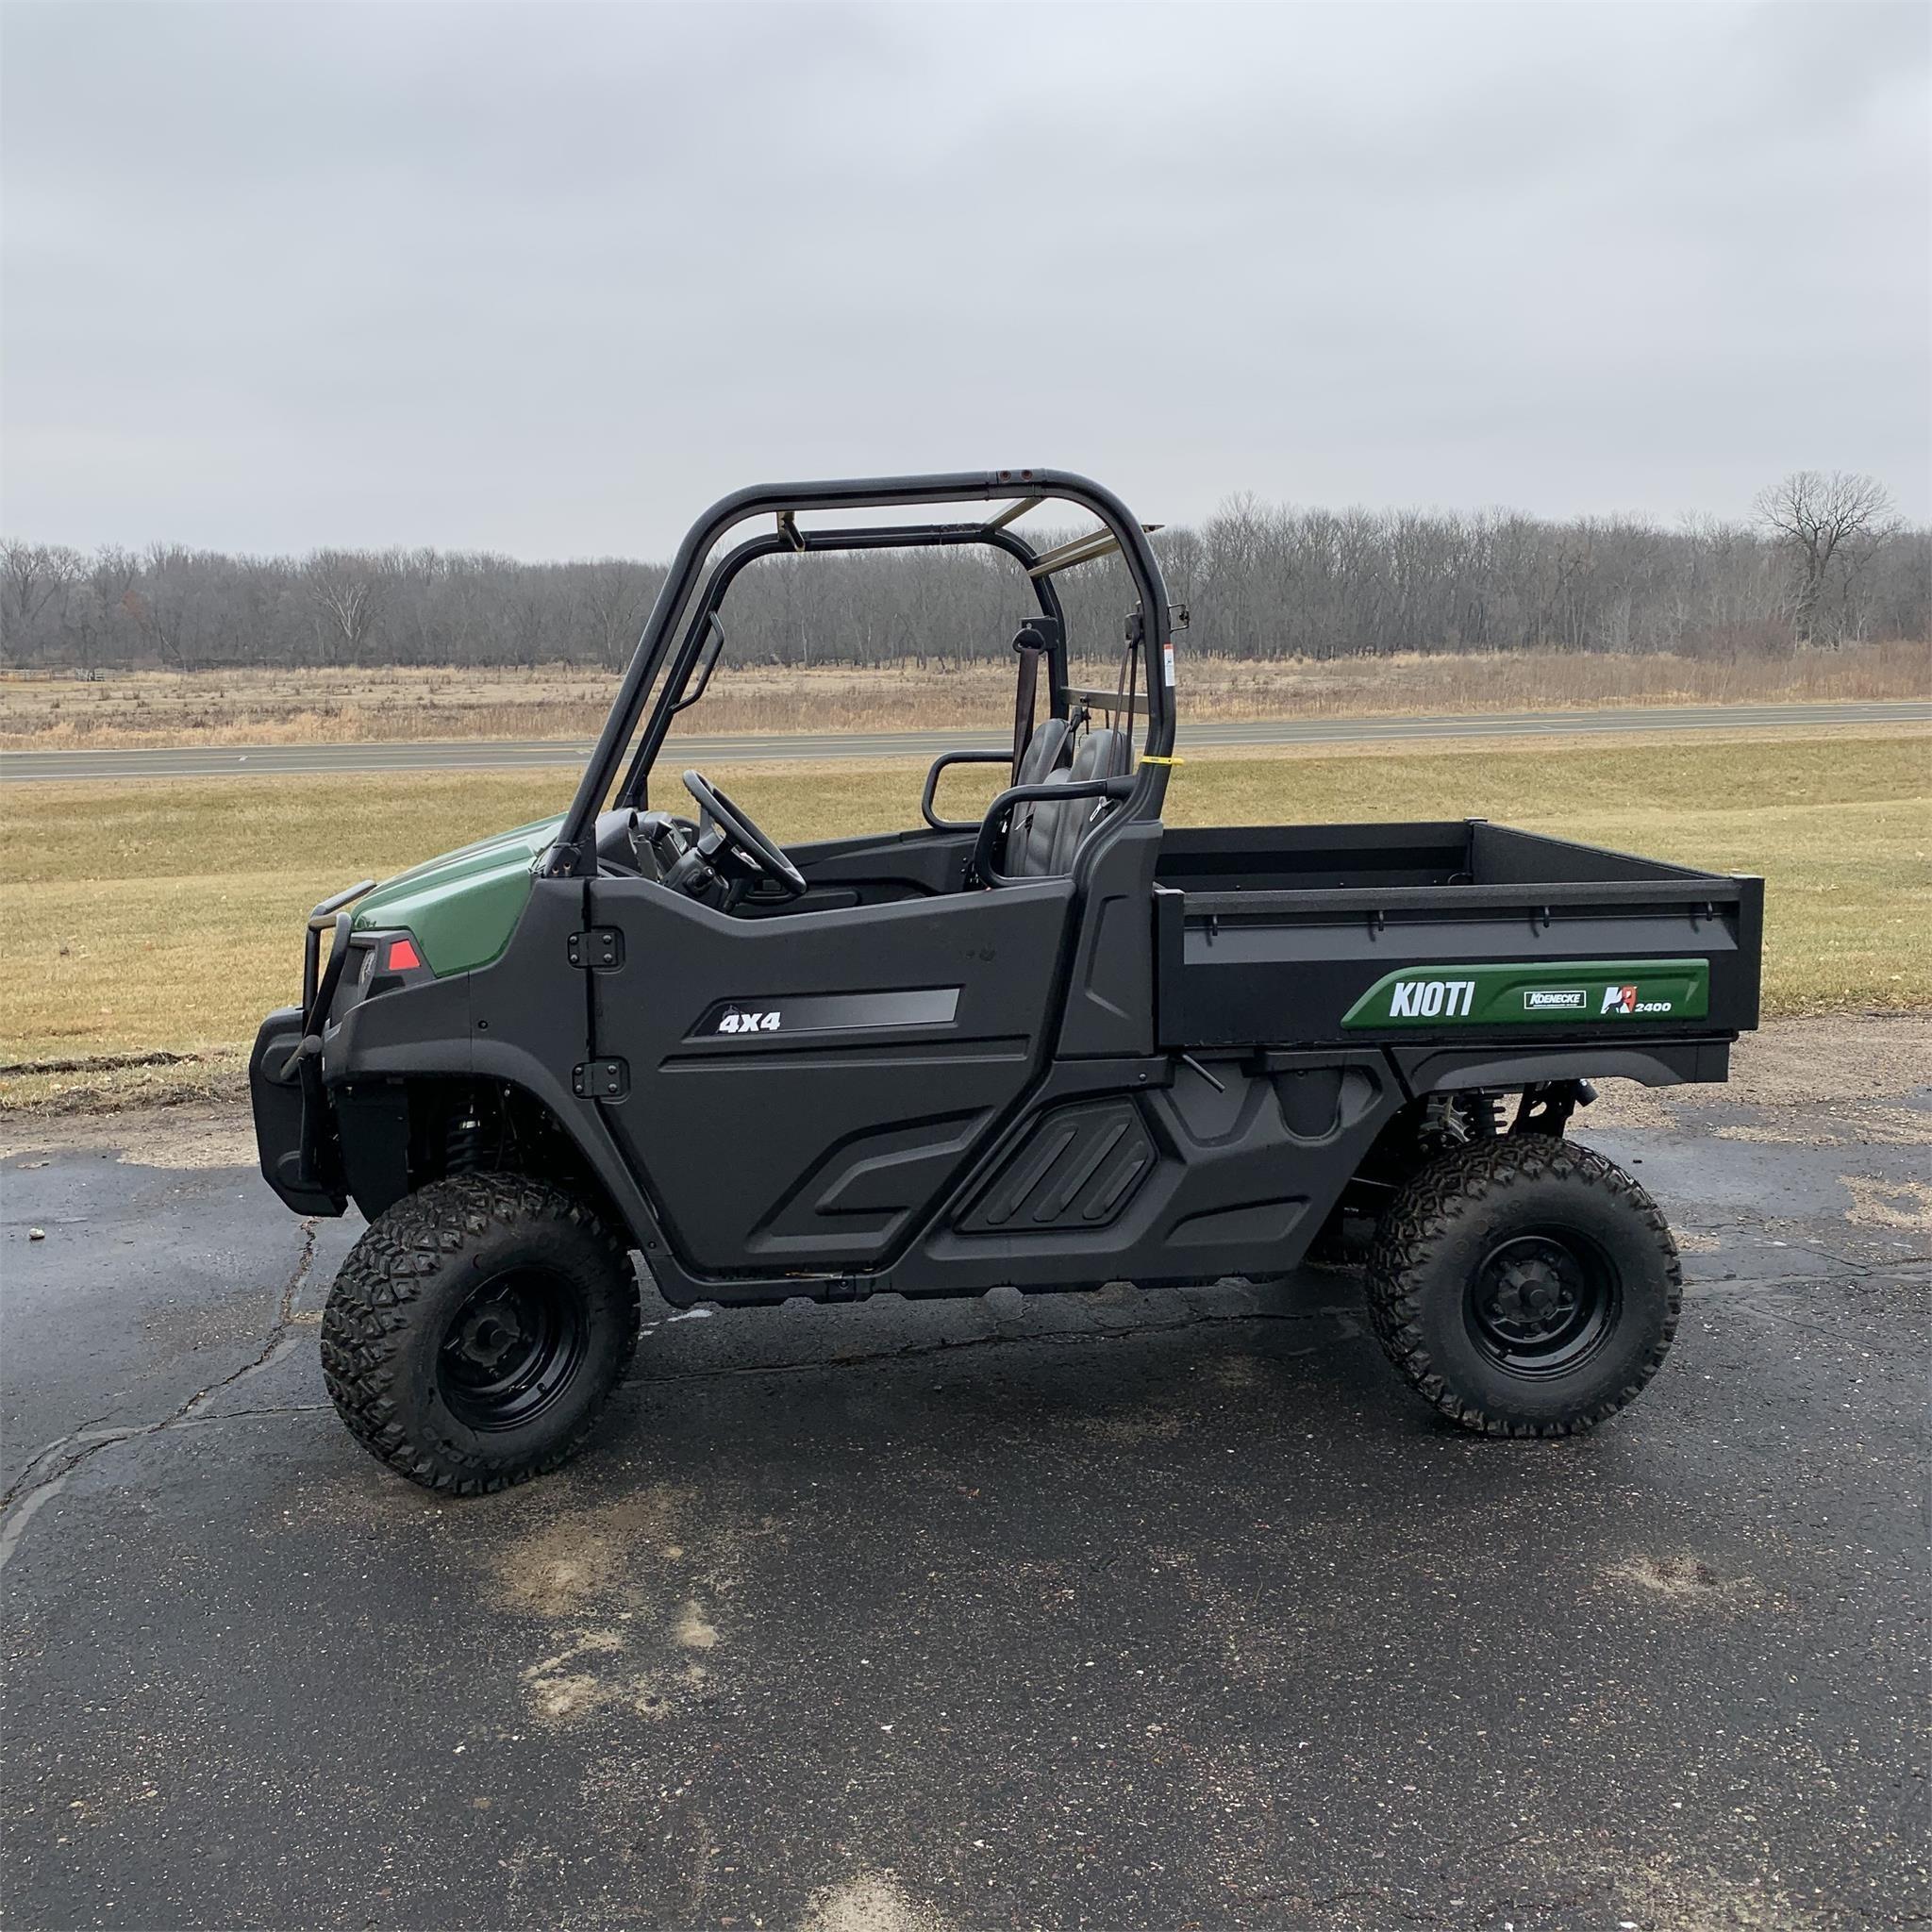 Kioti K9 2400 ATVs and Utility Vehicle